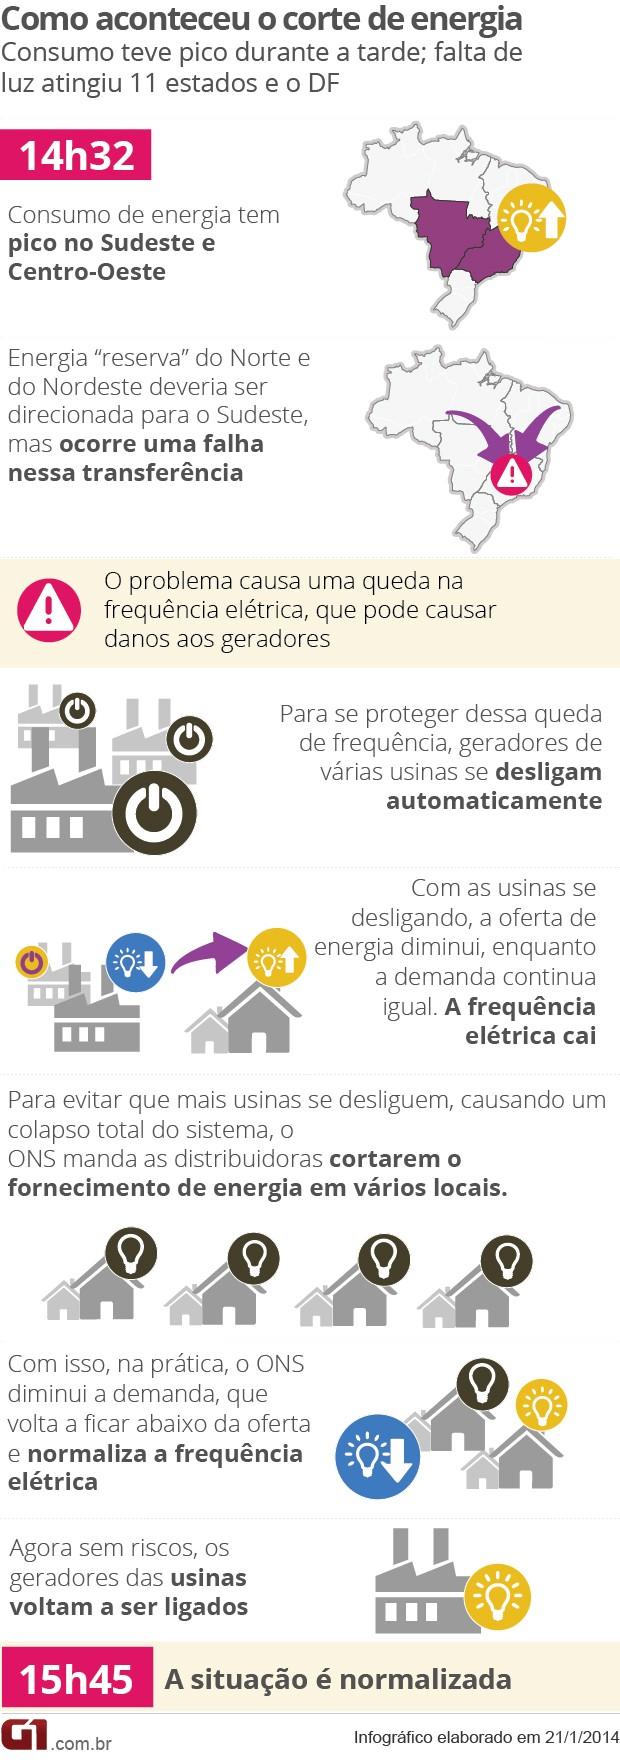 Arte - como aconteceu o corte de energia (Foto: Arte/G1)